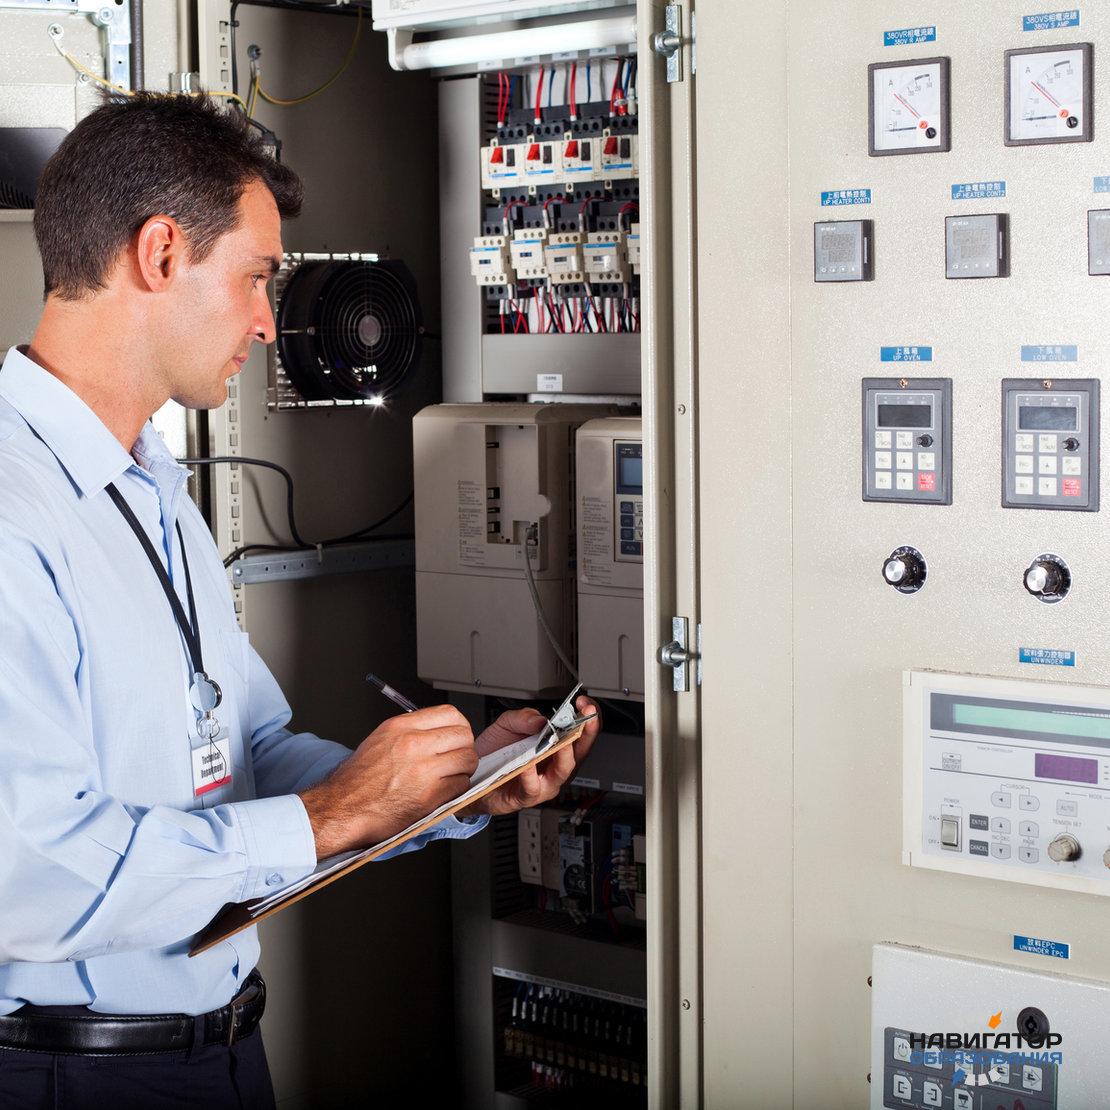 Профессия контролер отк (функции, как стать) | должностные обязанности контролера отк, требования к должности | зарплата контролера отк